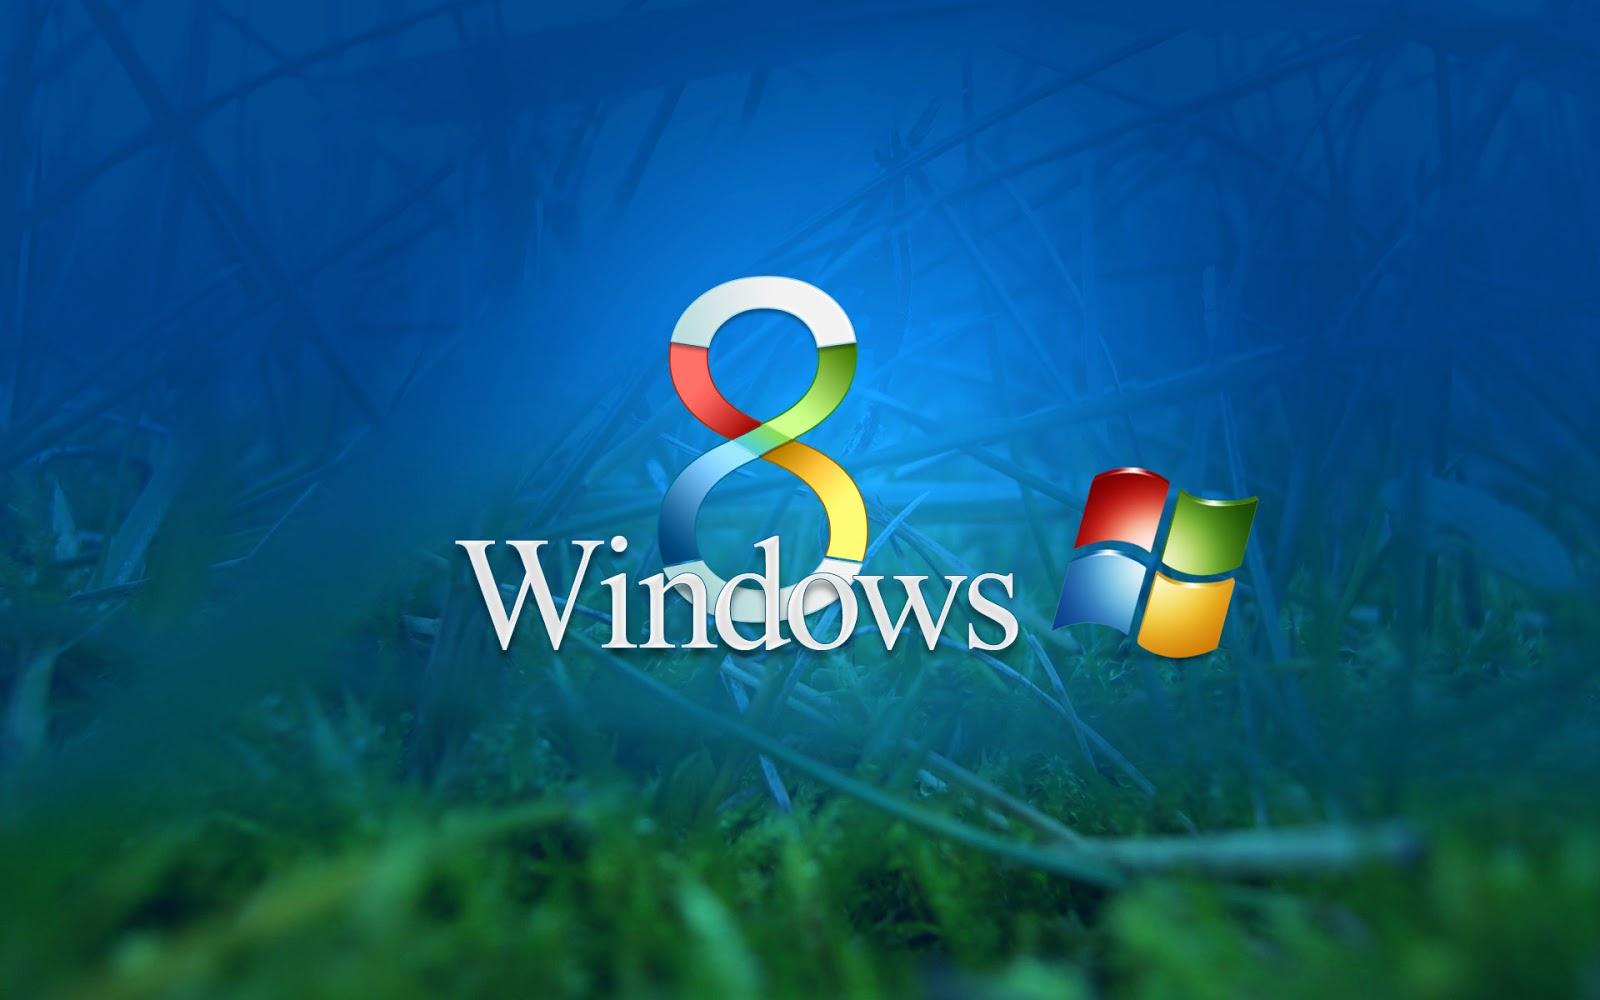 http://2.bp.blogspot.com/-MkAI5Kf91F4/UJutckcEifI/AAAAAAAAAIU/_nE96YWPIlM/s1600/Unofficial-Windows-8-Wallpaper.jpg